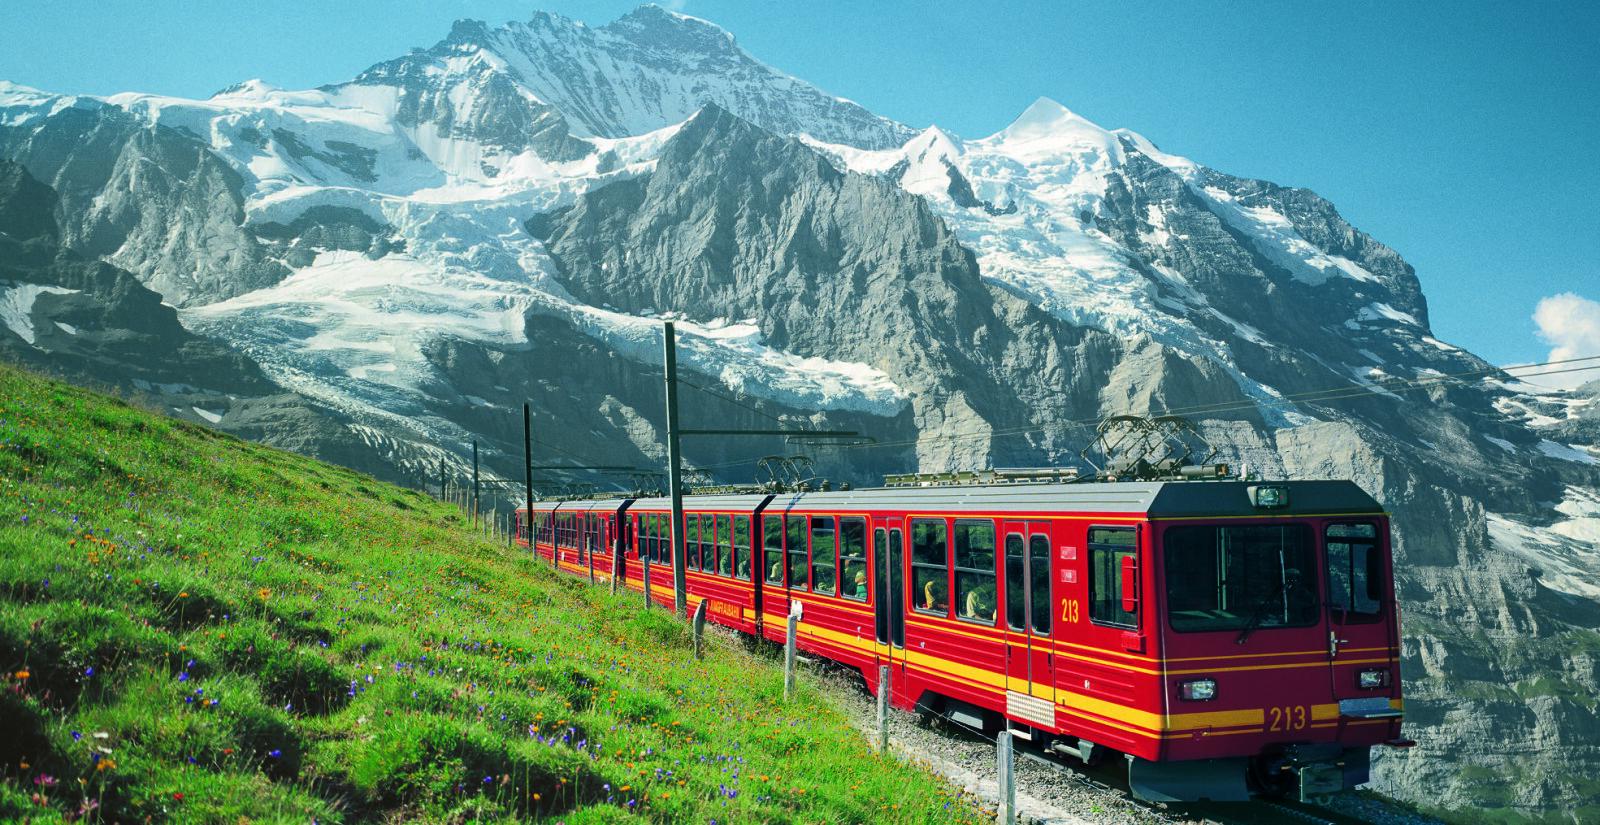 EUROPAS HØYESTE: Jungfraubahn tar deg til Europas høyest beliggende togstasjon.